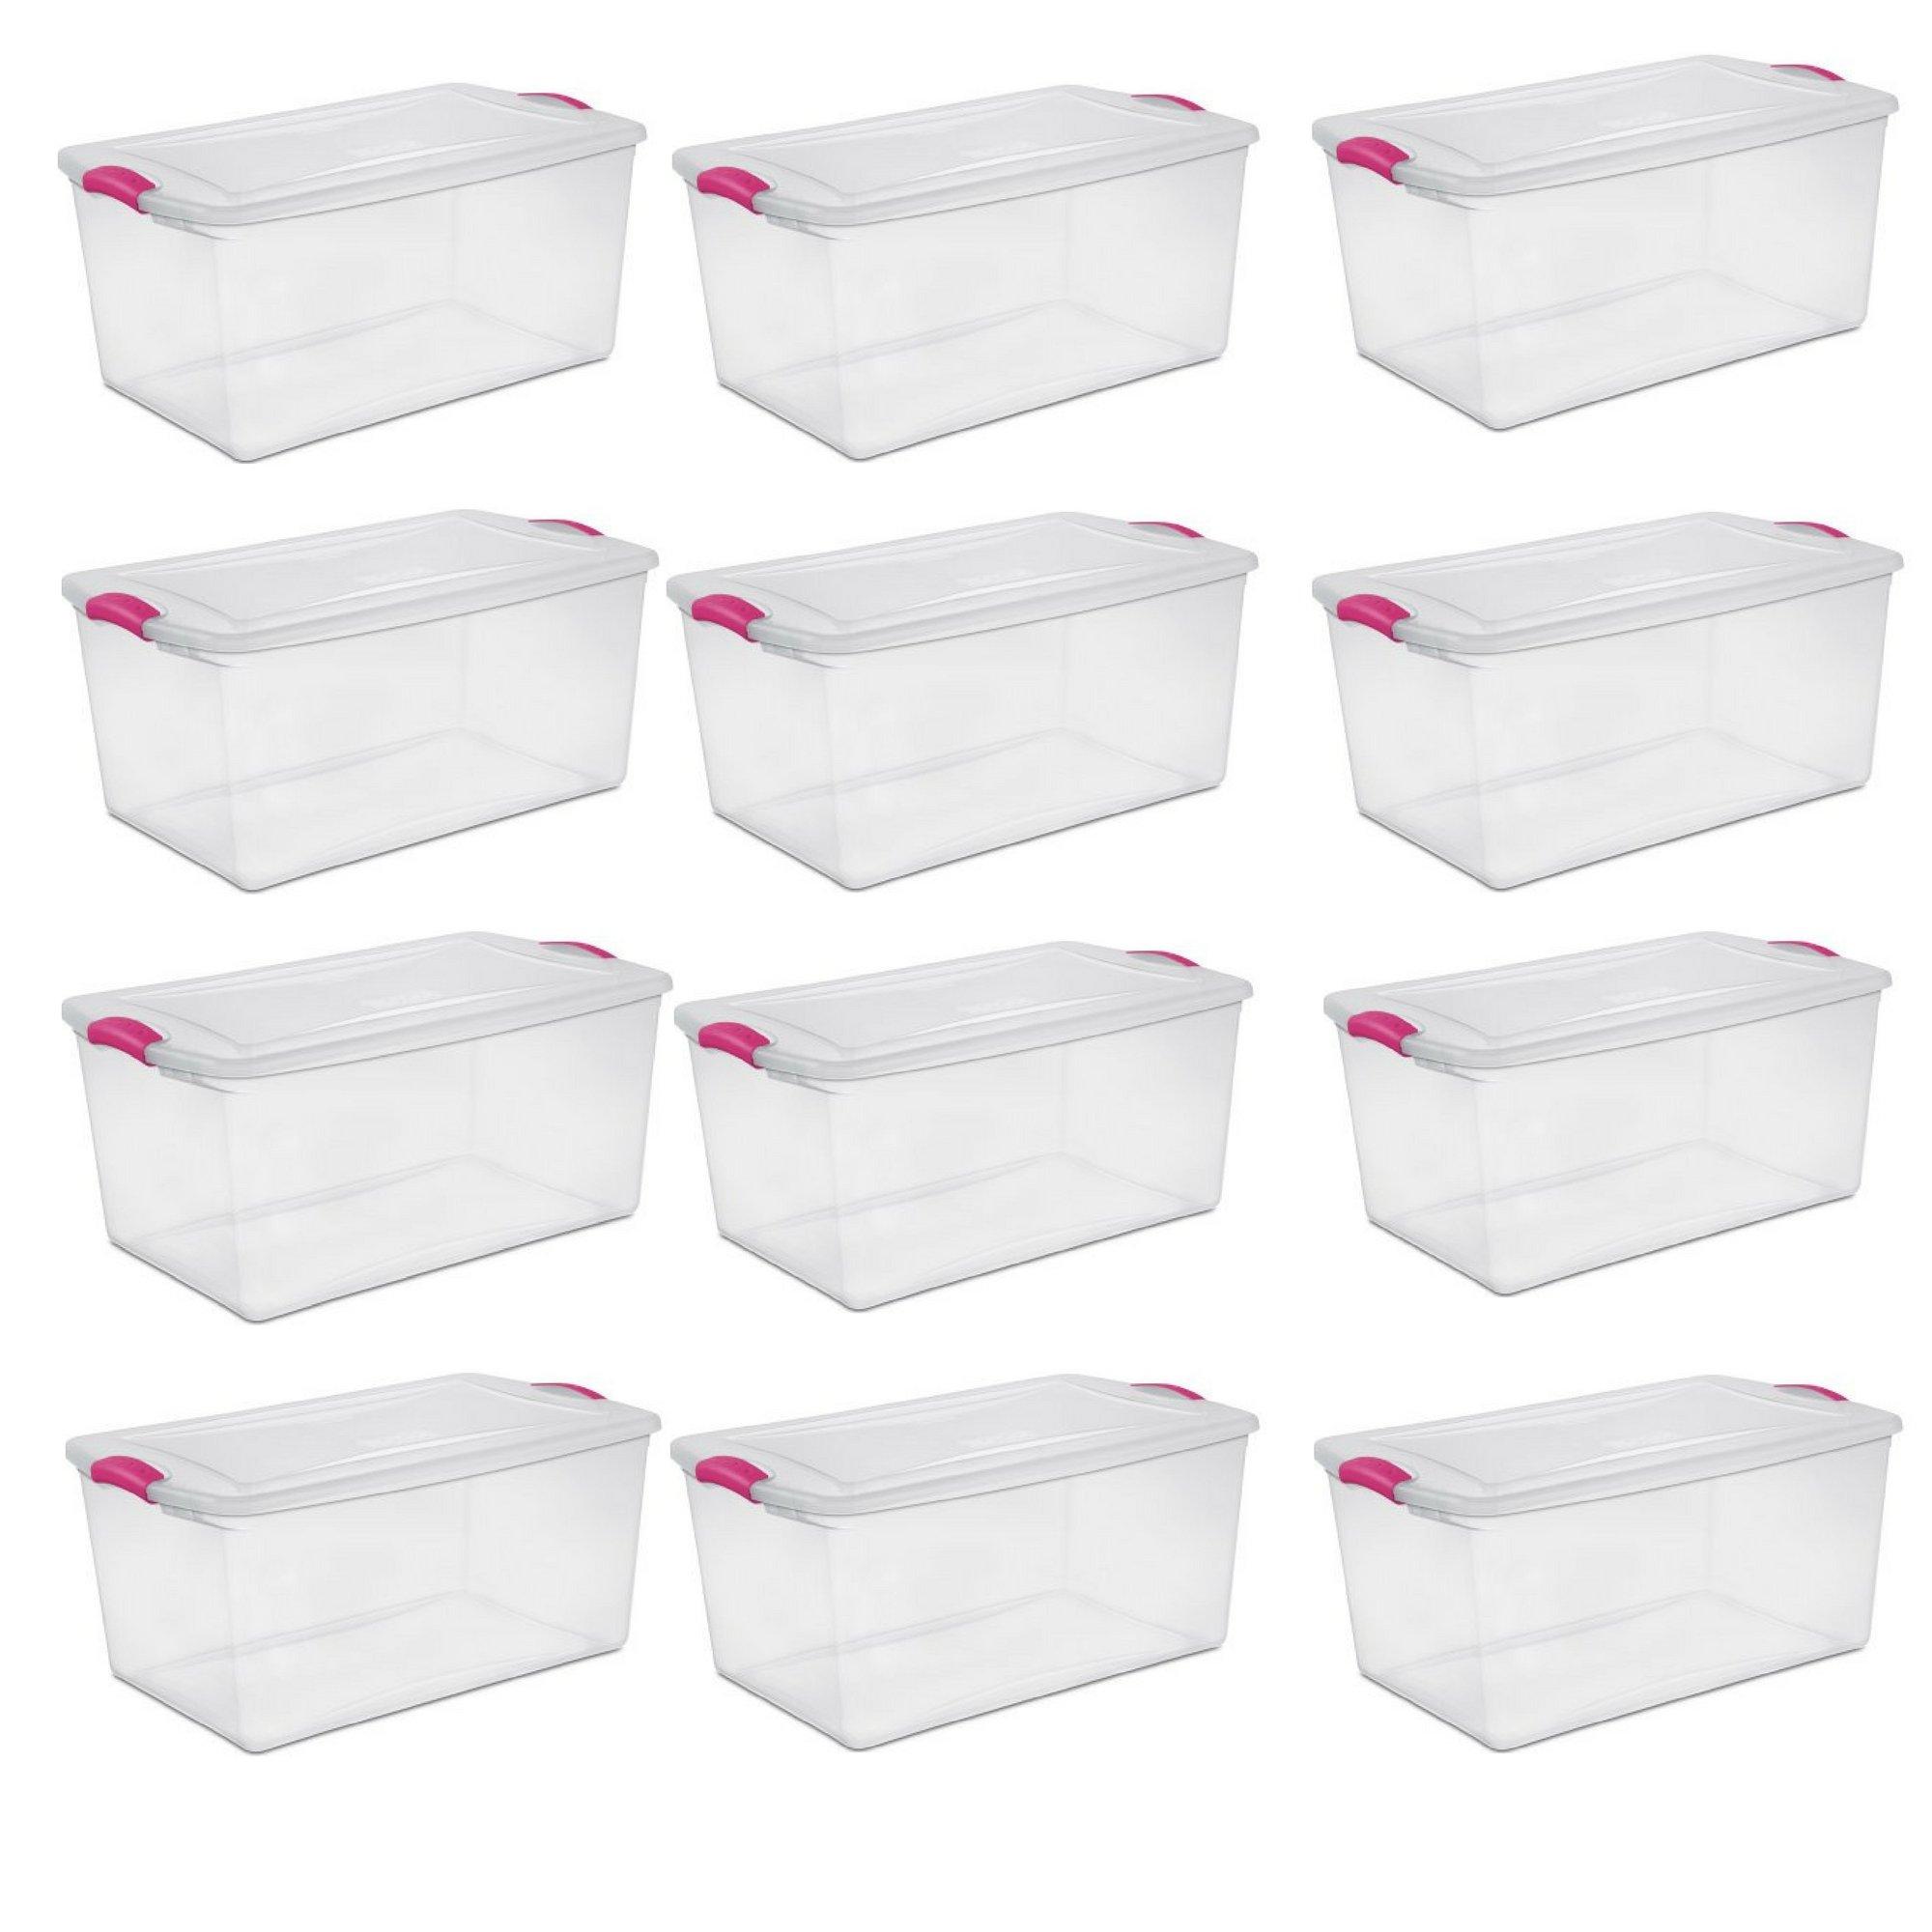 Sterilite 66 Qt./62 L Latch Box, Fuchsia Burst - 12 Pack